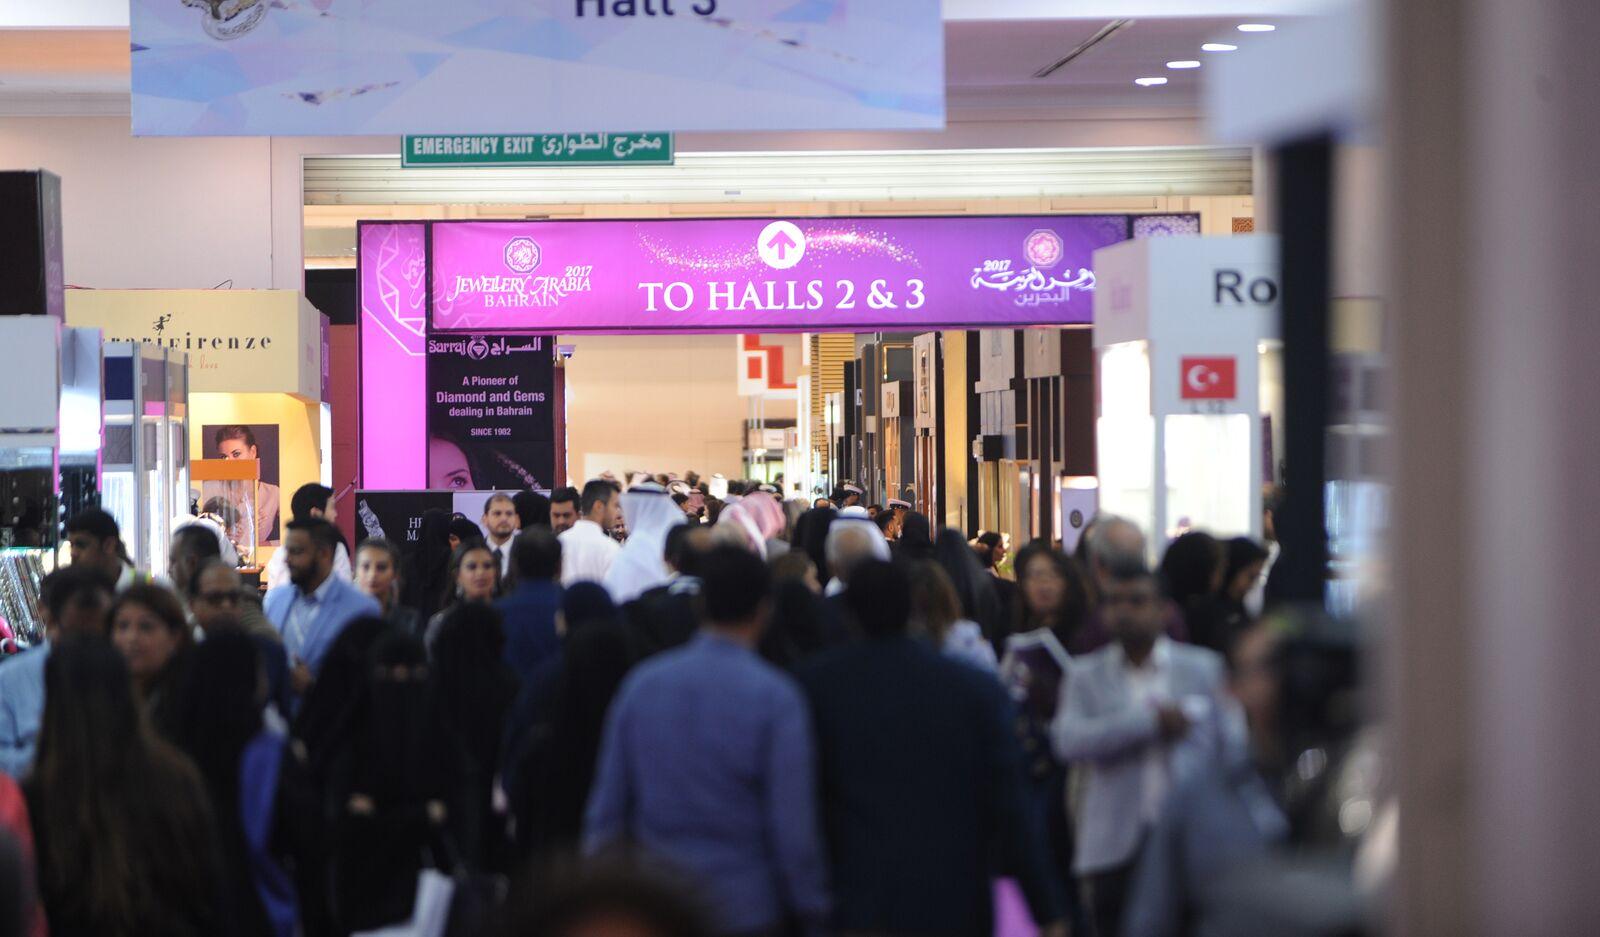 Imagem da notícia: Jewellery Arabia antevê 50.000 visitantes